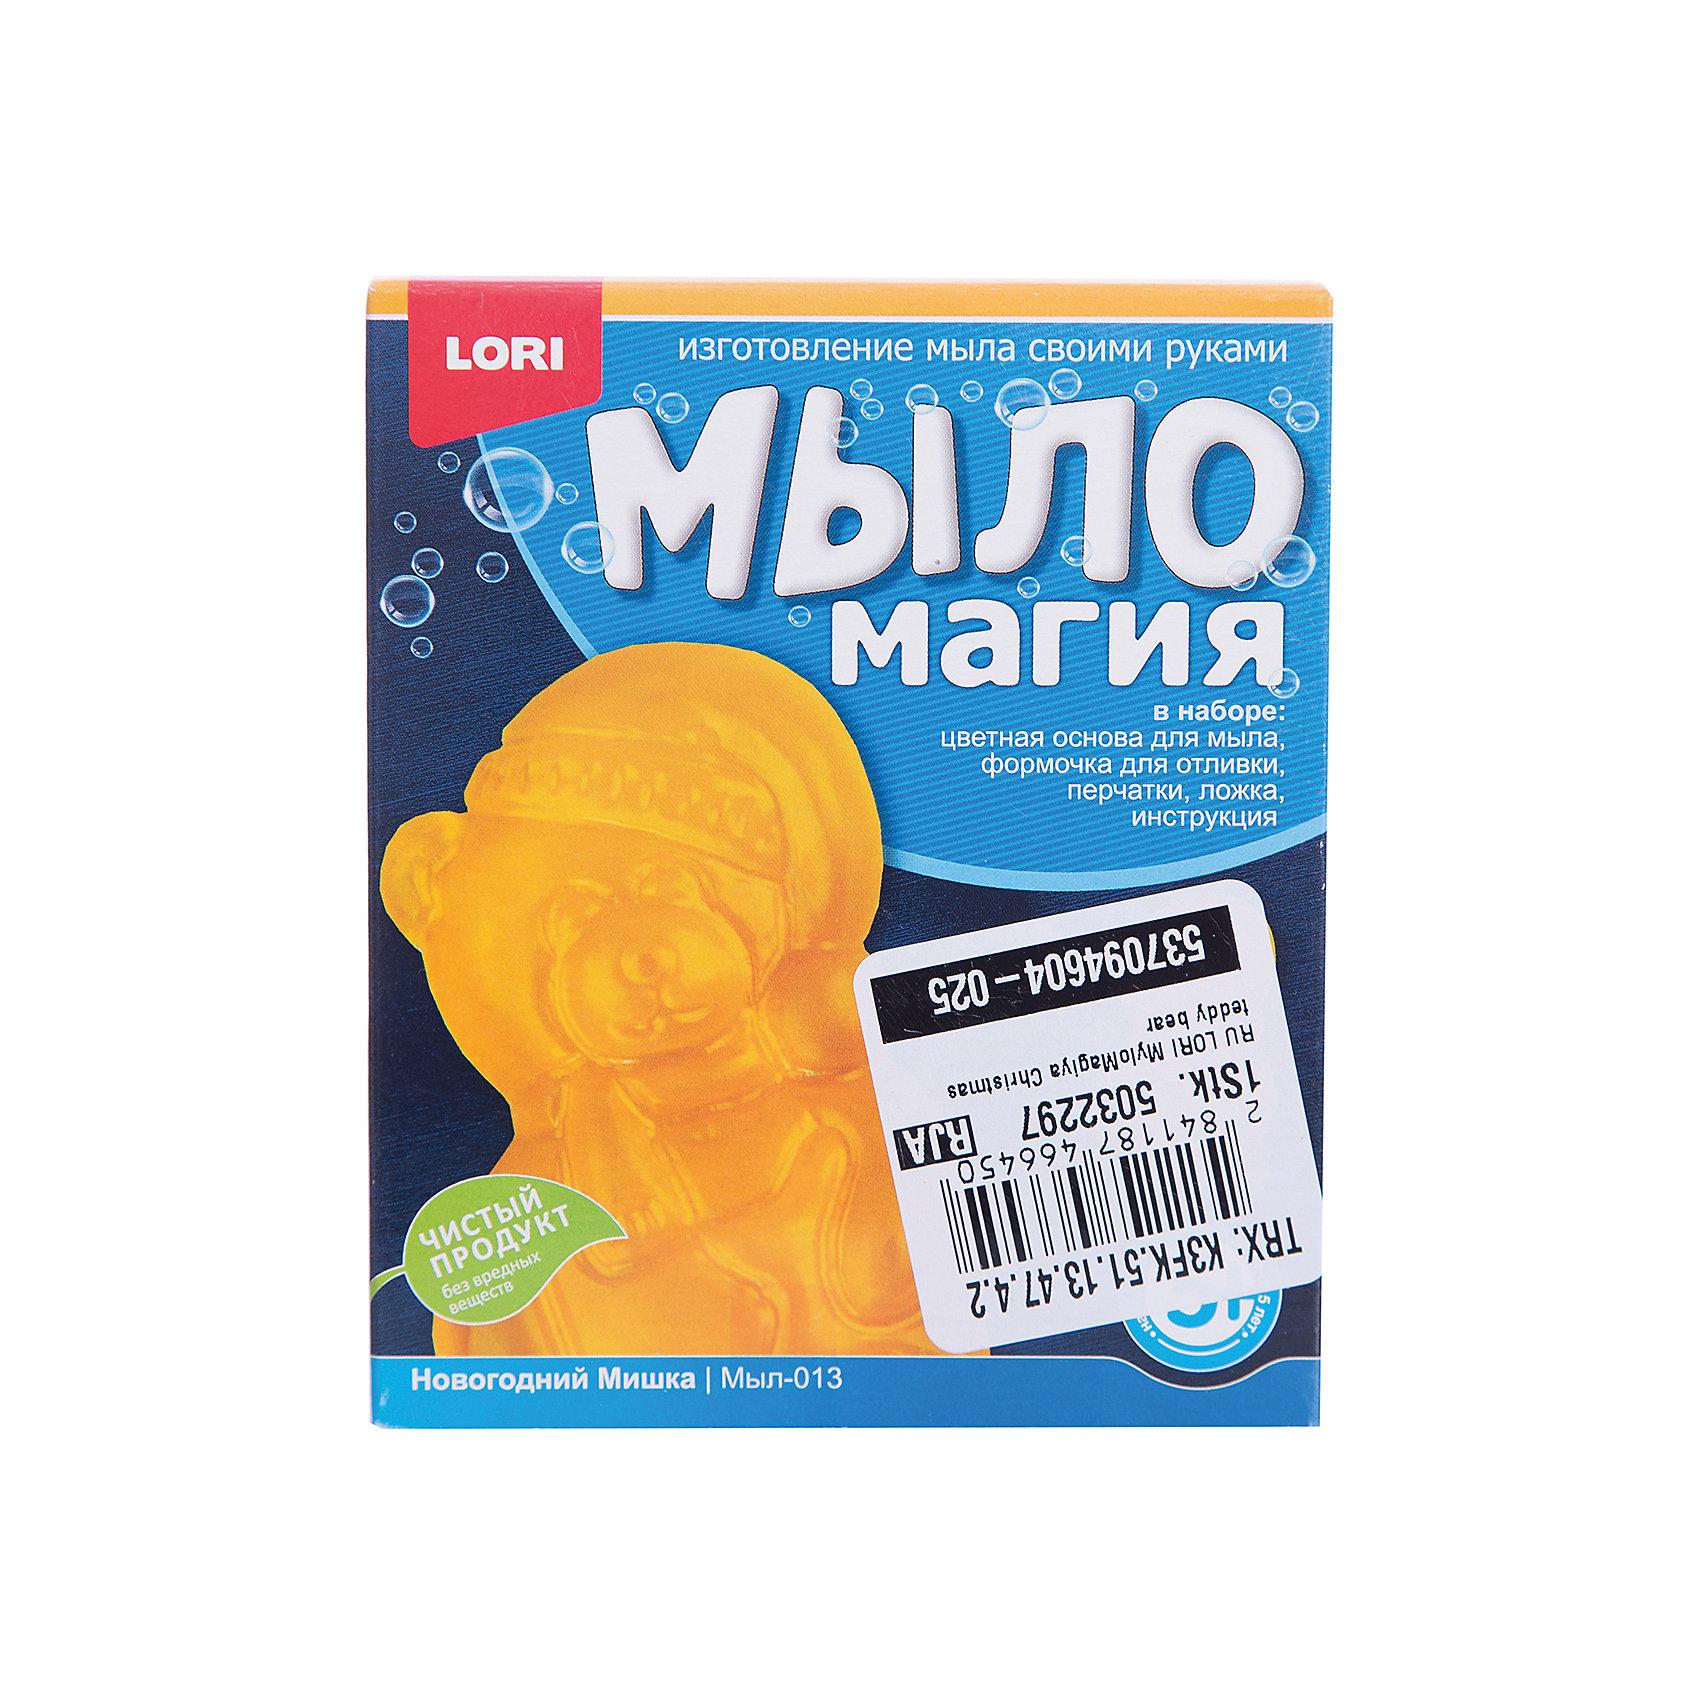 МылоМагия Новогодний мишкаСоздание мыла<br>Основа для мыла емкость для растапливания, форма для заливки мыльного раствора, пищевой краситель, пипетка, перчатки, ложка инструкция<br><br>Ширина мм: 40<br>Глубина мм: 135<br>Высота мм: 113<br>Вес г: 700<br>Возраст от месяцев: 60<br>Возраст до месяцев: 84<br>Пол: Унисекс<br>Возраст: Детский<br>SKU: 5032297